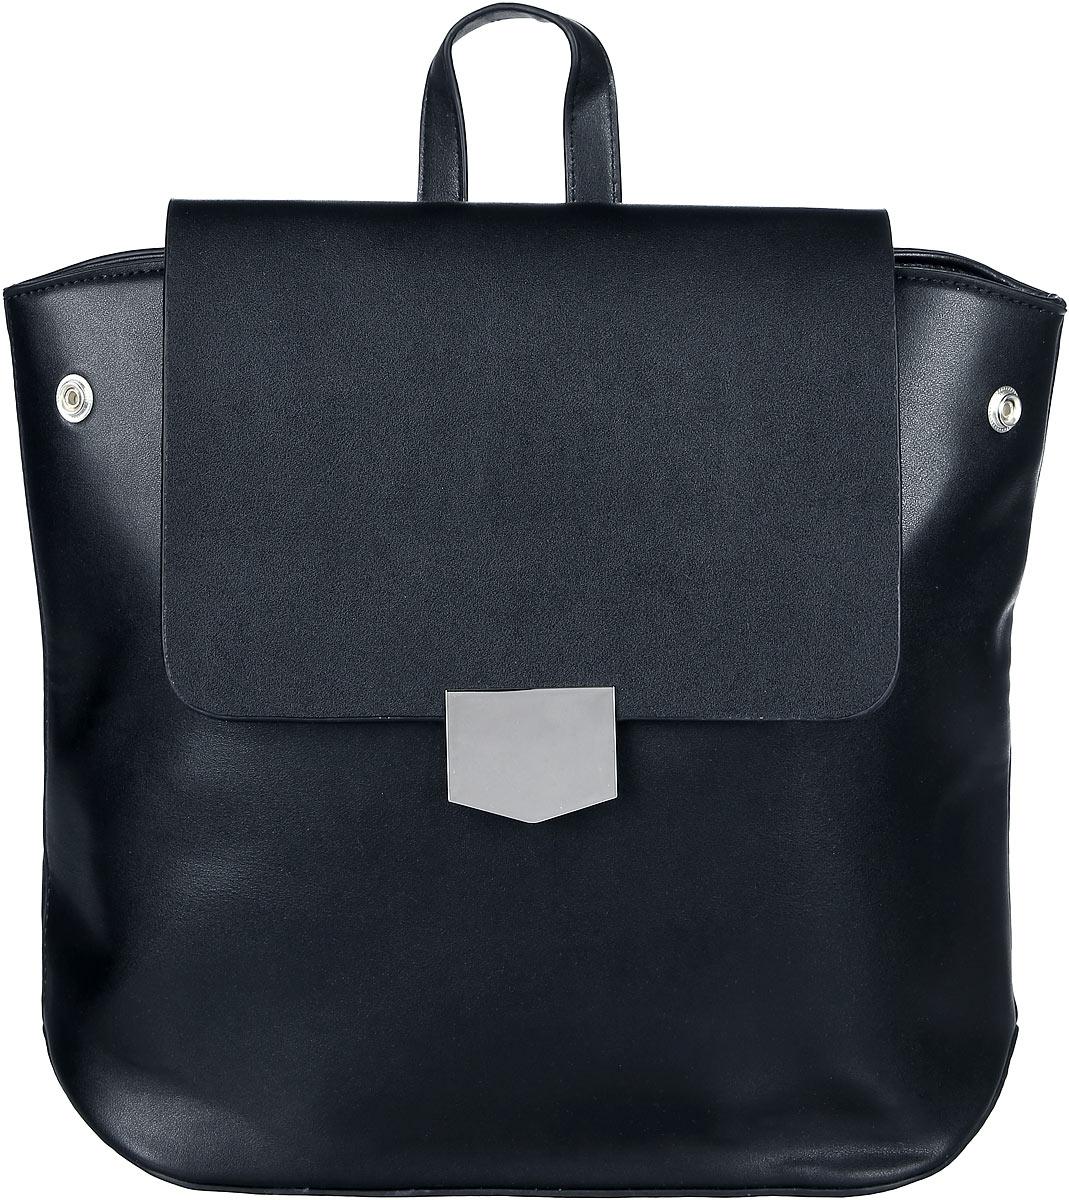 Рюкзак женский OrsOro, цвет: черный. D-262/423008Элегантный рюкзак OrsOro исполнен из экокожи высокого качества. Имеет одно вместительное отделение прикрытое клапаном на магнитной кнопке и под ним застегивающийся на молнию. Так же в отделении присутствуют два накладных кармашка под сотовый телефон или для мелочей и один прорезной карман на застежке-молнии. Рюкзак обладает удобной ручкой сверху для переноски и двумя регулируемыми плечевыми ремнями-лямками на карабинах. По бокам рюкзака имеются четыре кнопки благодаря которым можно регулировать форму рюкзака от прямоугольной до трапецевидной.